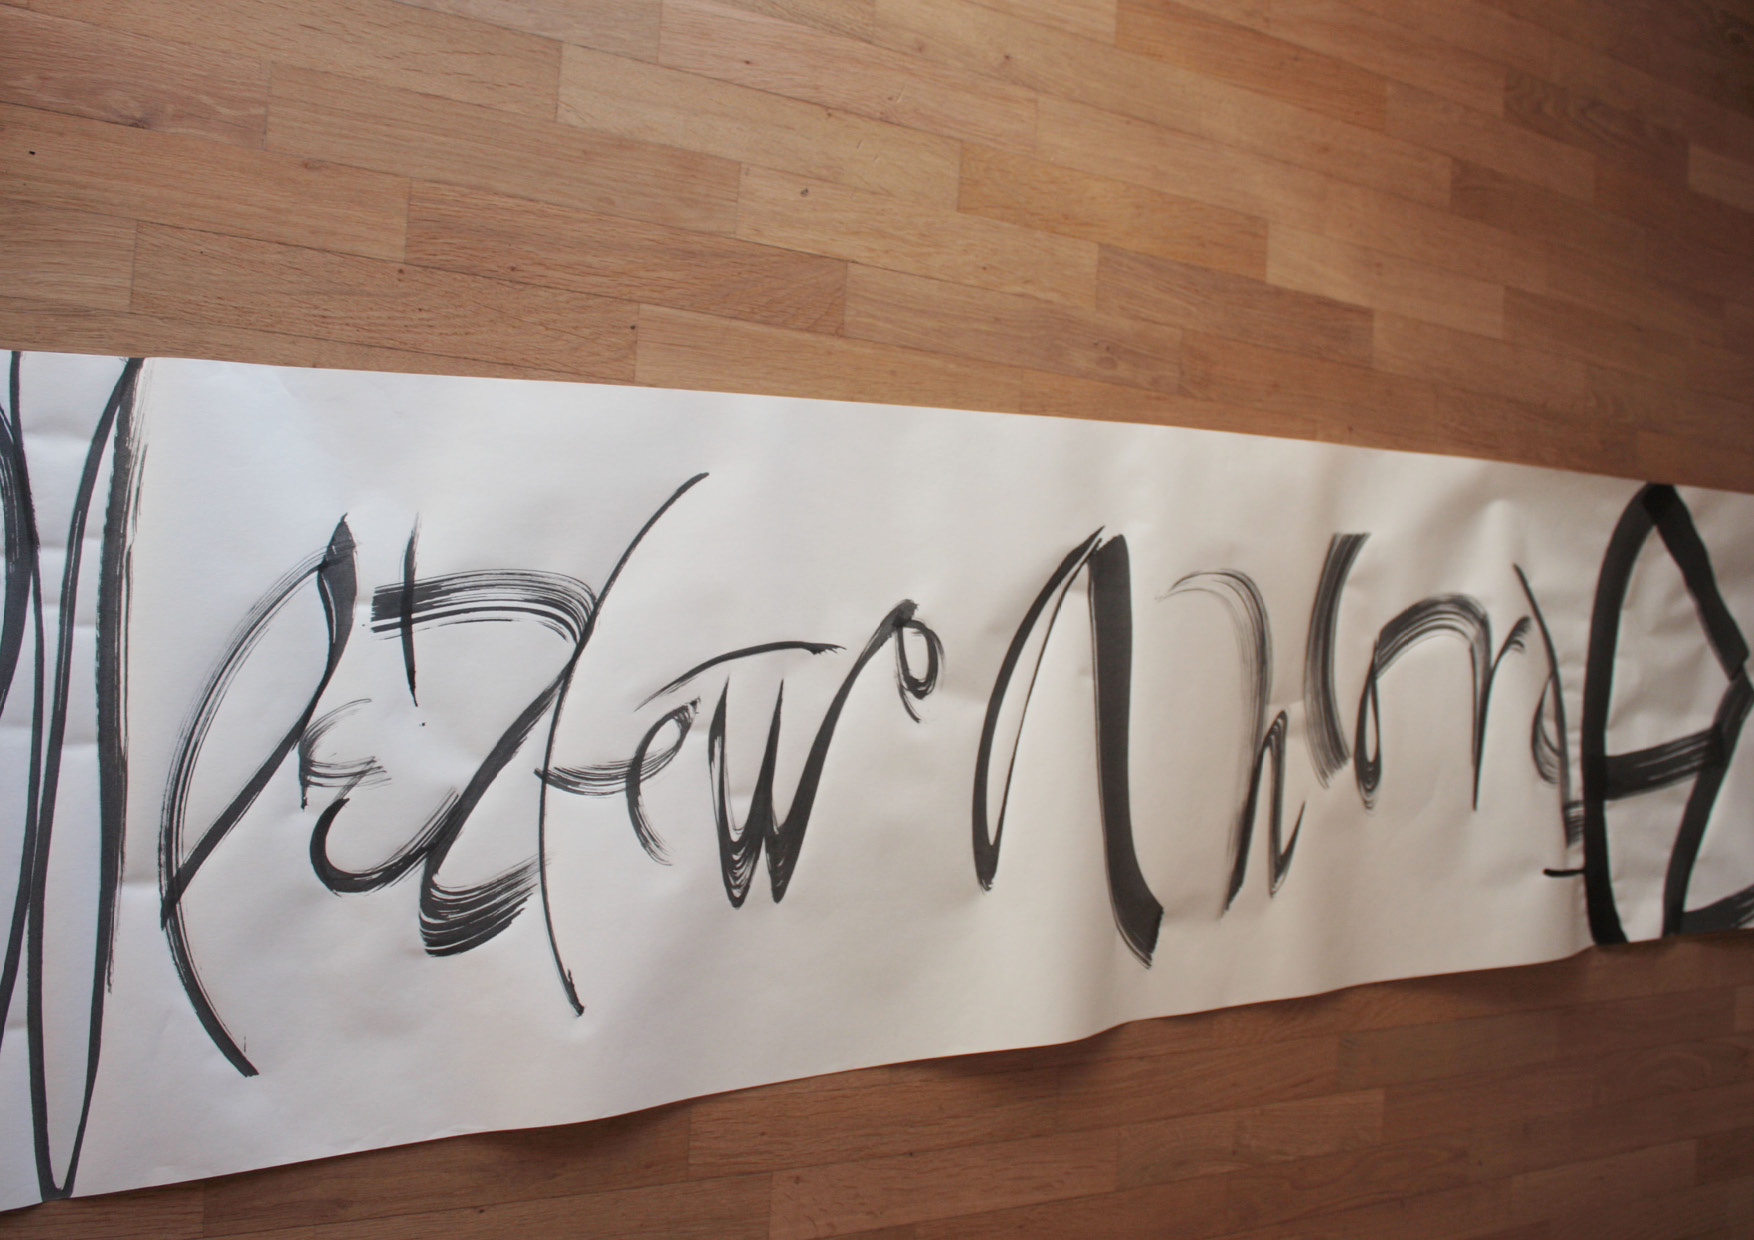 Il segretoUn mix di segni realizzati con un pennello piatto si uniscono alla ricerca di una composizione che vuole sembrare infinita.Pennello piatto e inchiostro Sumi su carta.450x9000 mm circa2020